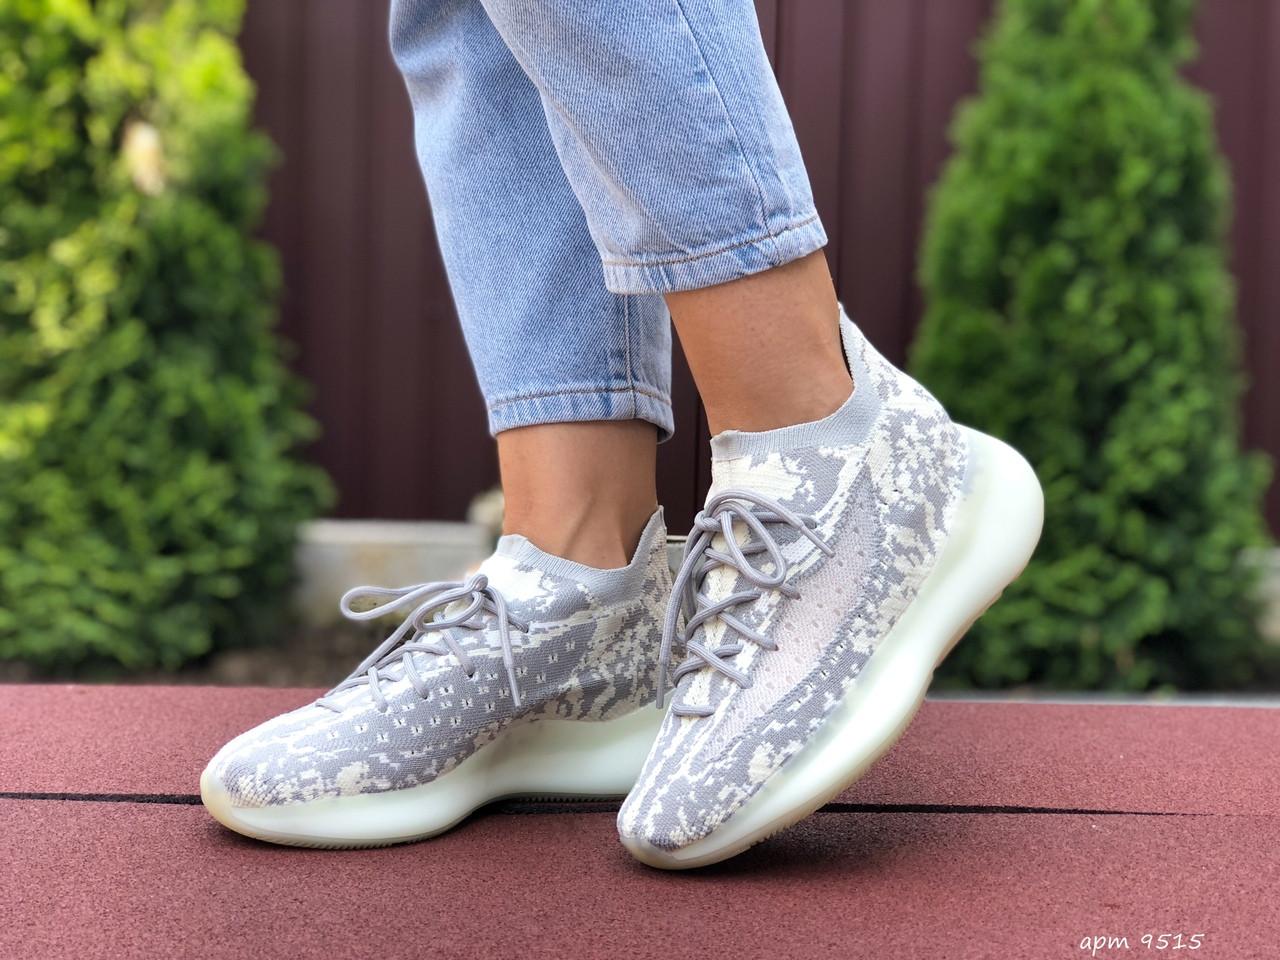 Женские кроссовки Adidas Yeezy Boost 380 (серо-белые) 9515